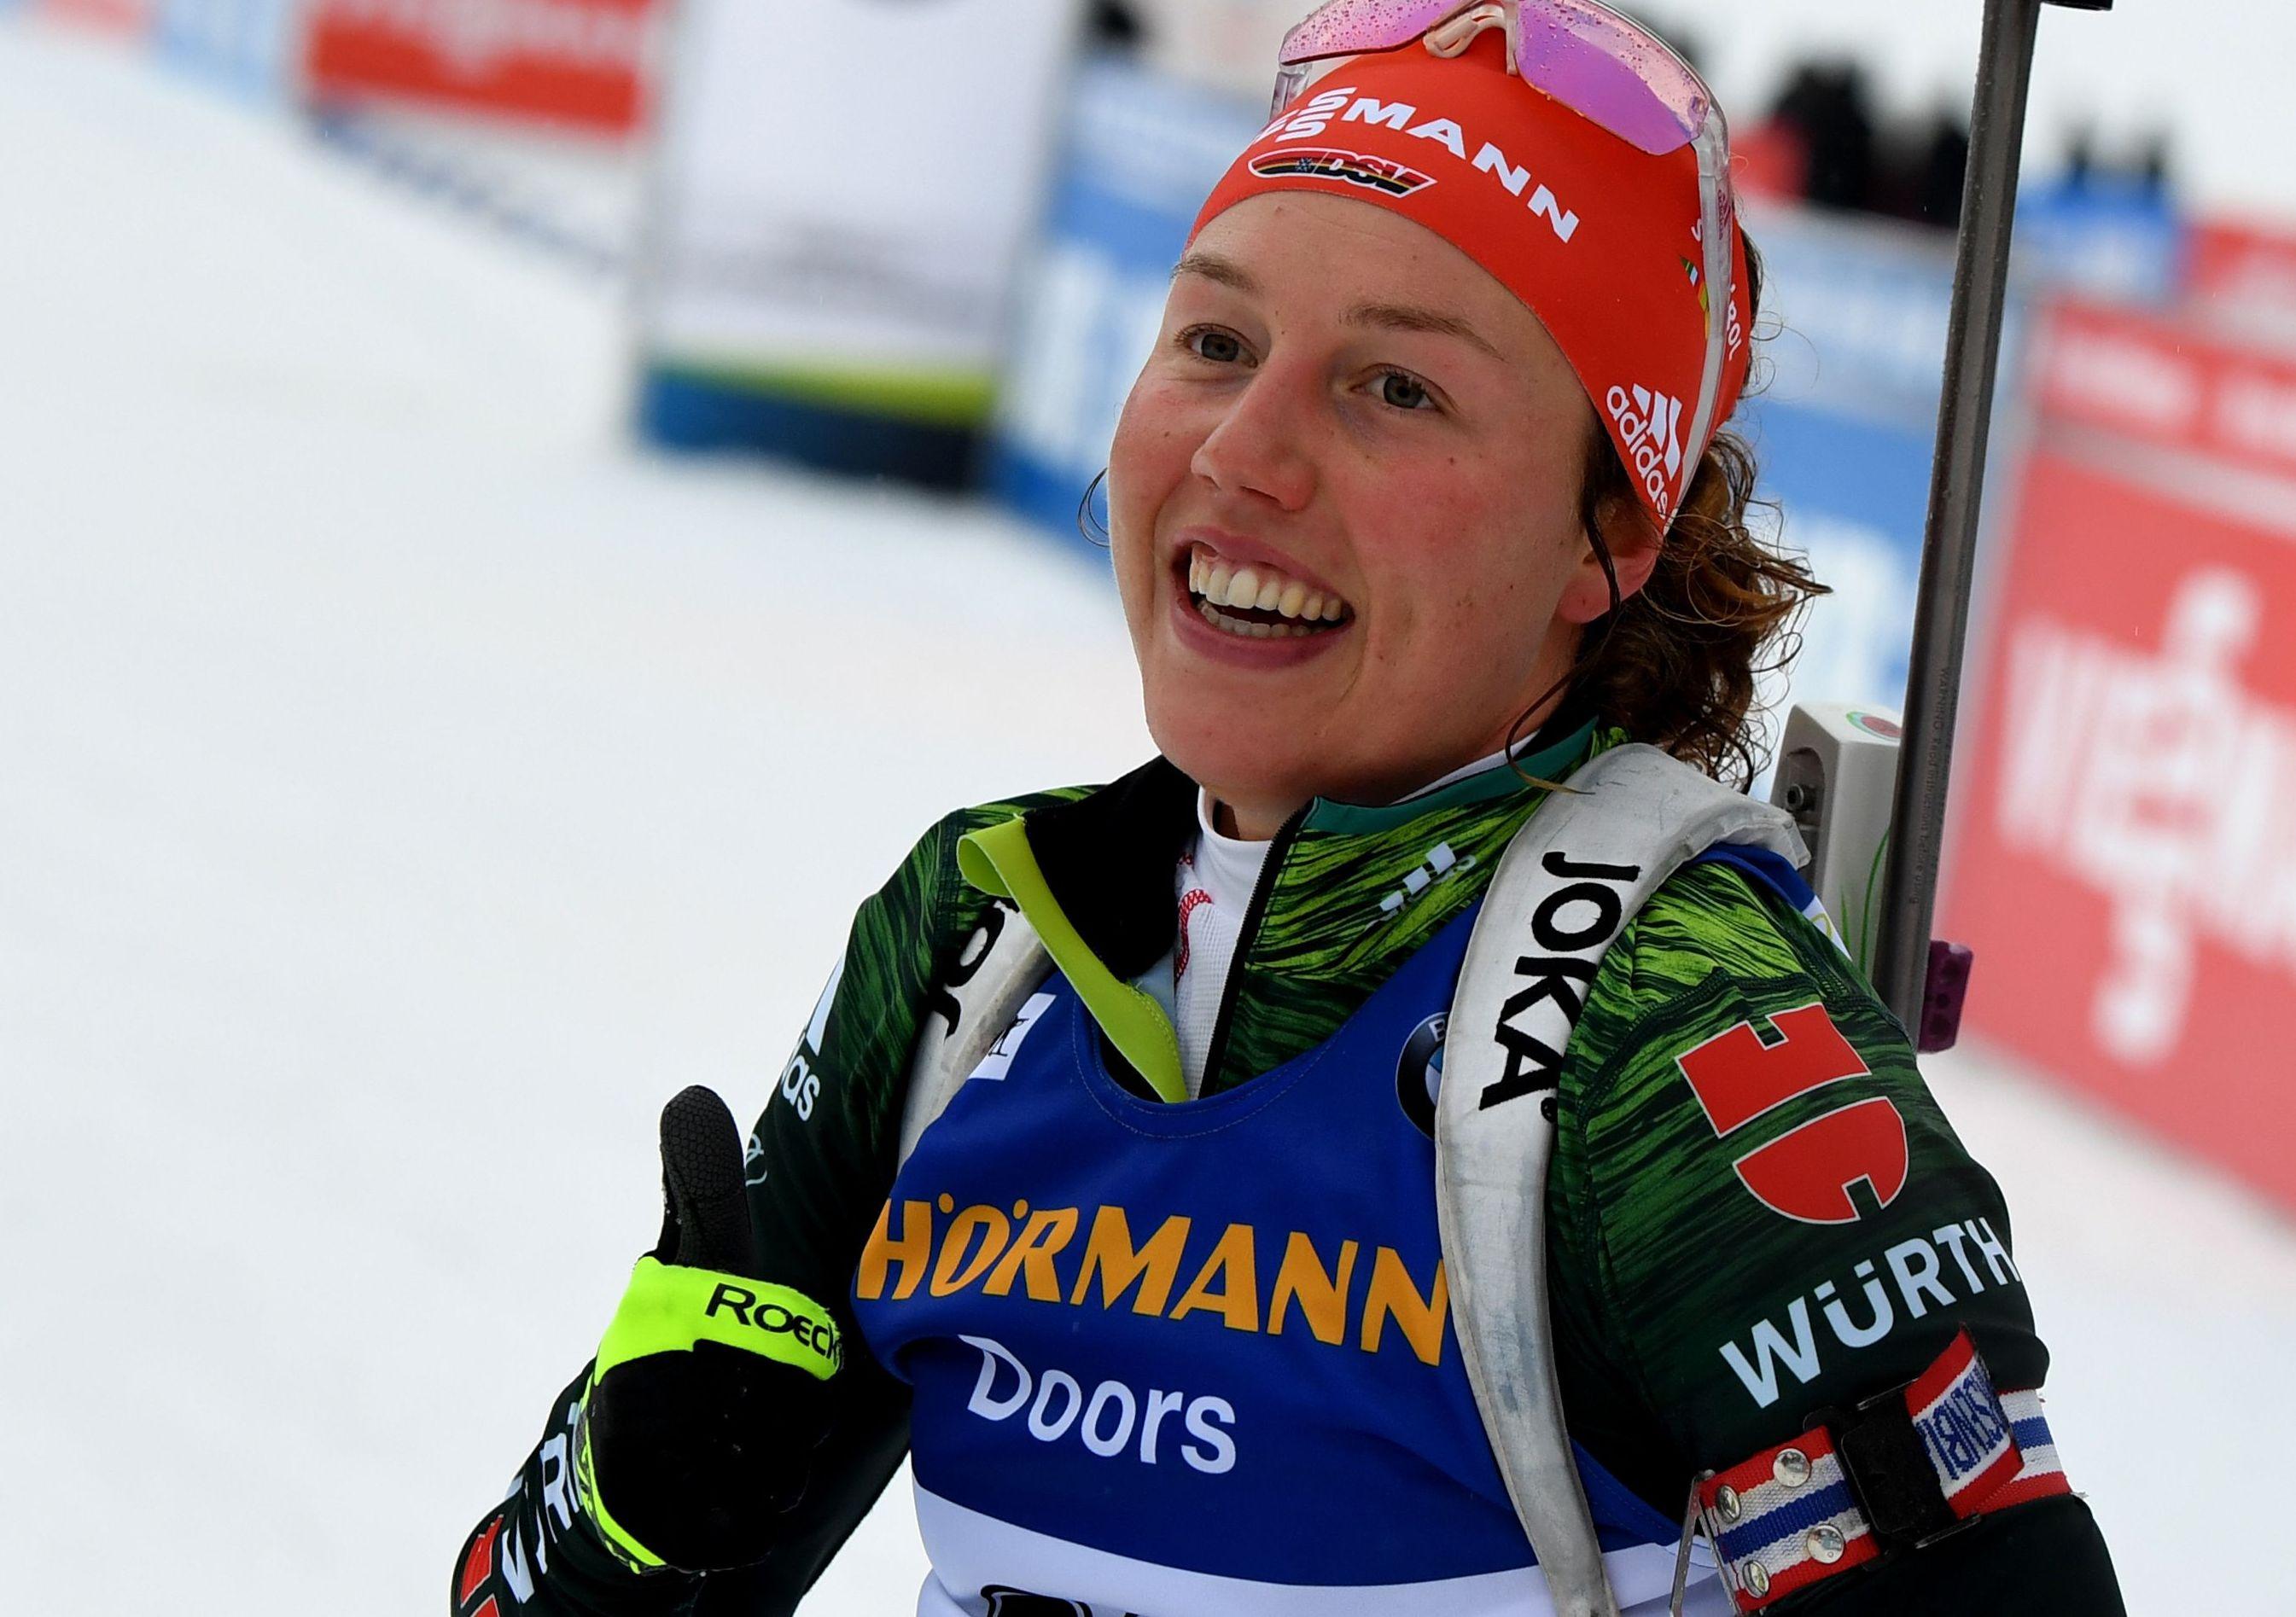 Sports d'hiver - Laura Dahlmeier brille au Grand Bornand